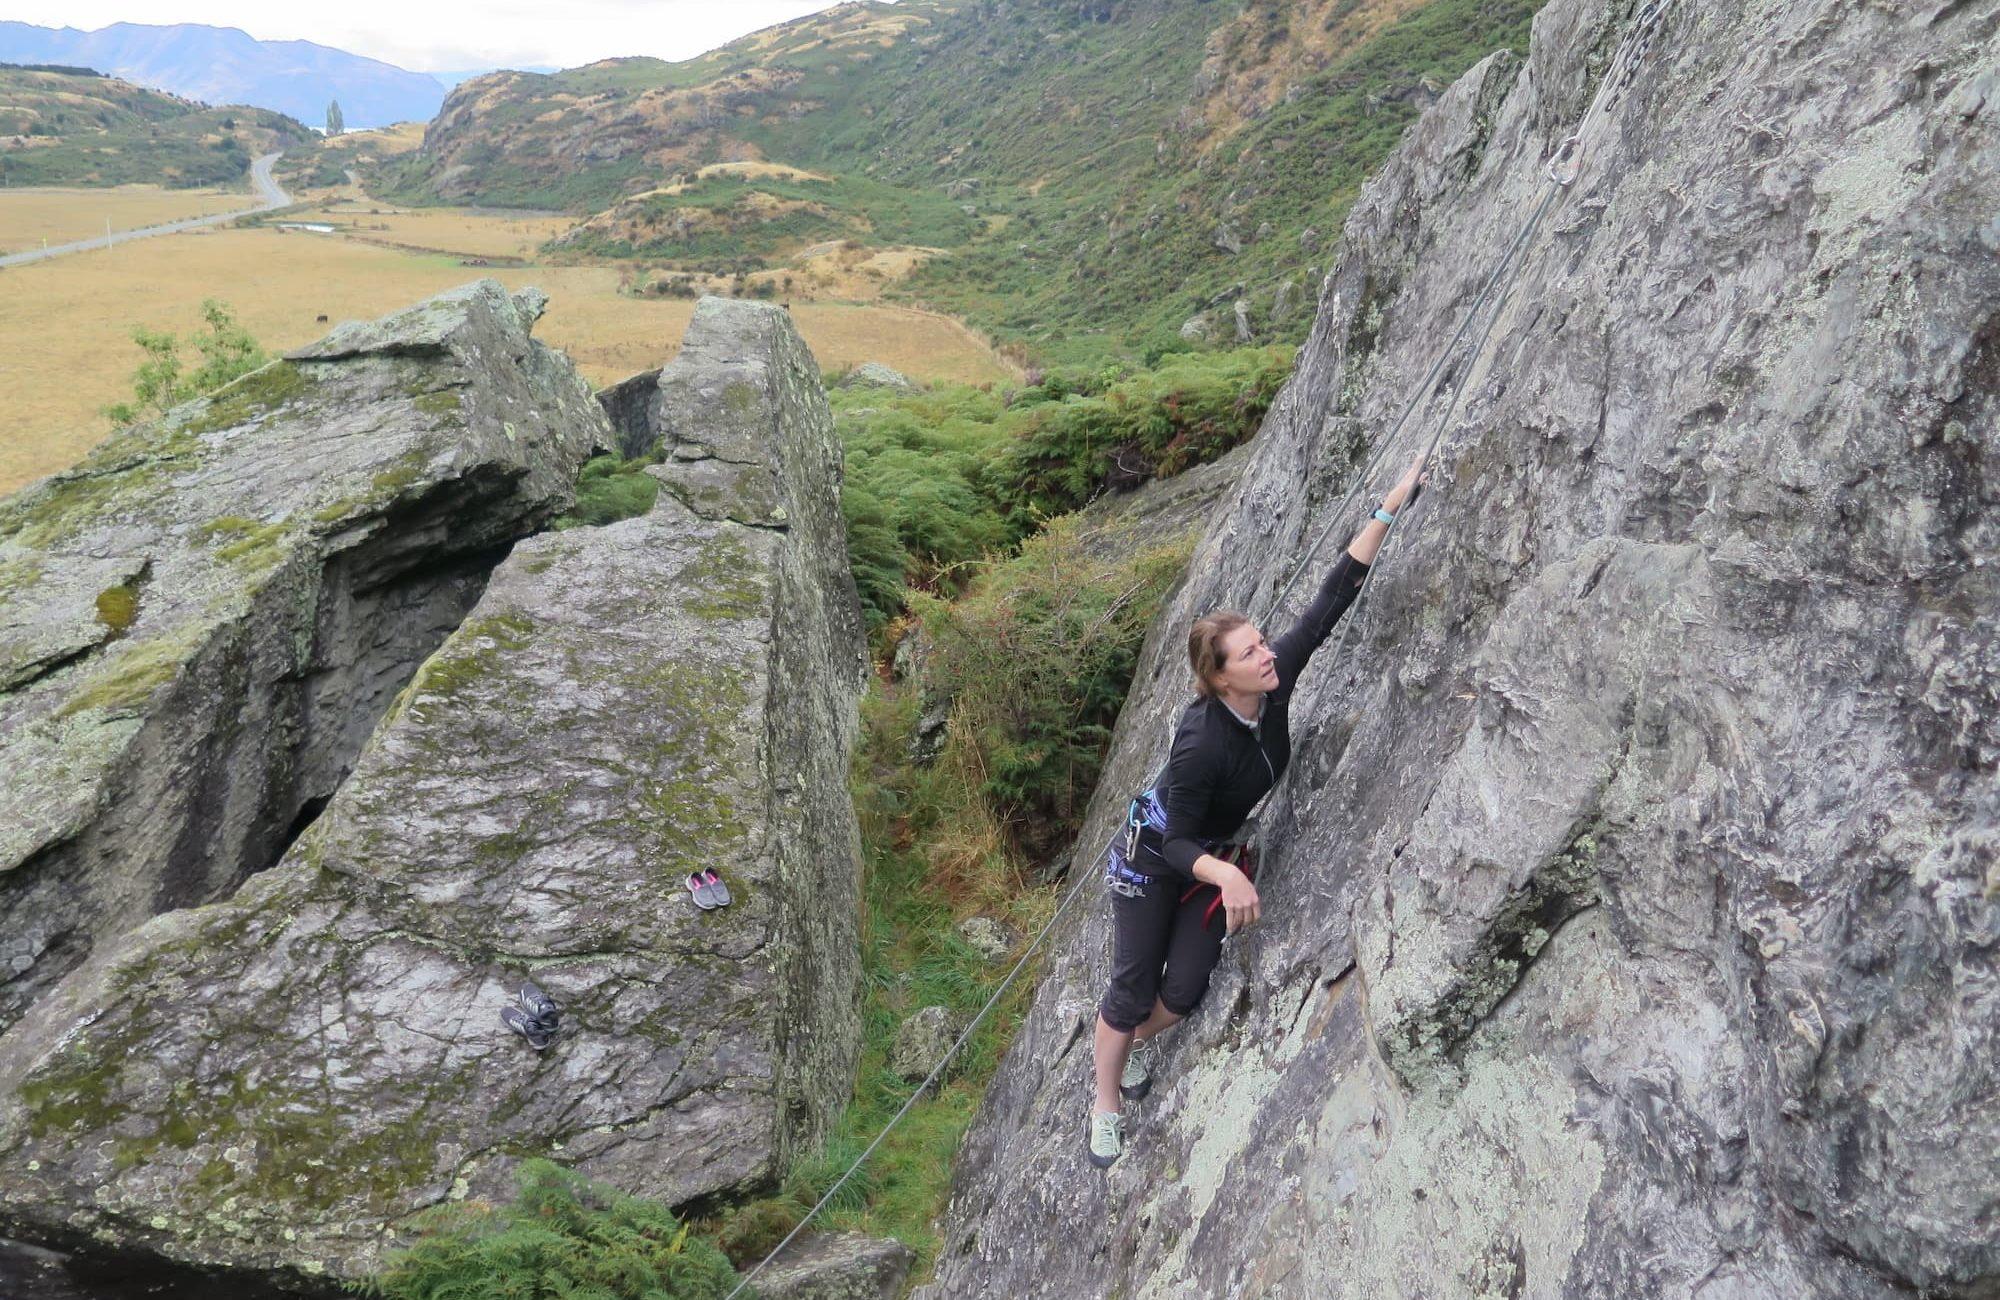 Multi Pitch climbing Wanaka, Aspiring Guides